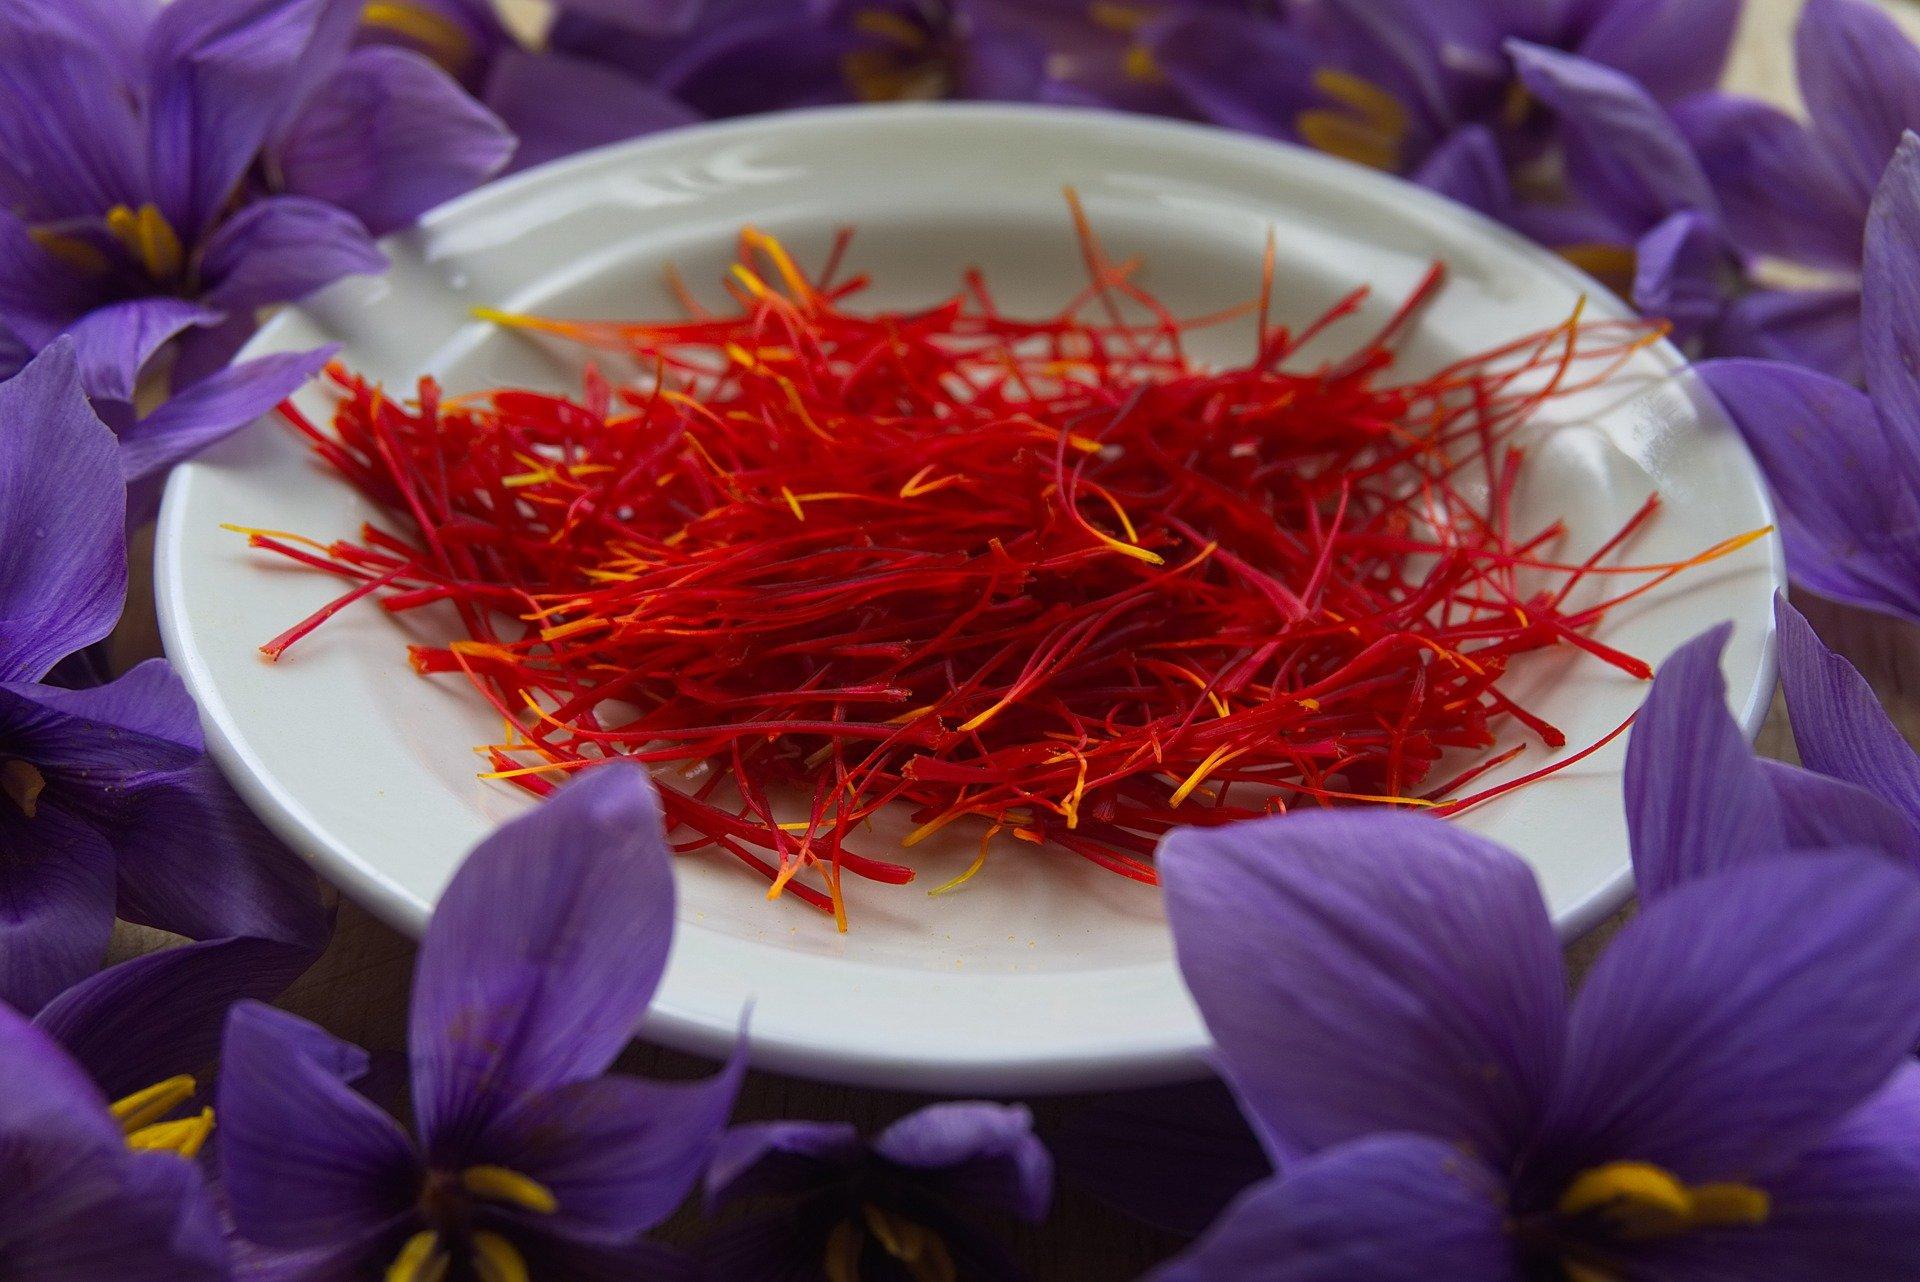 Jutaan Manfaat dari Rempah Saffron untuk Kesehatan Tubuh